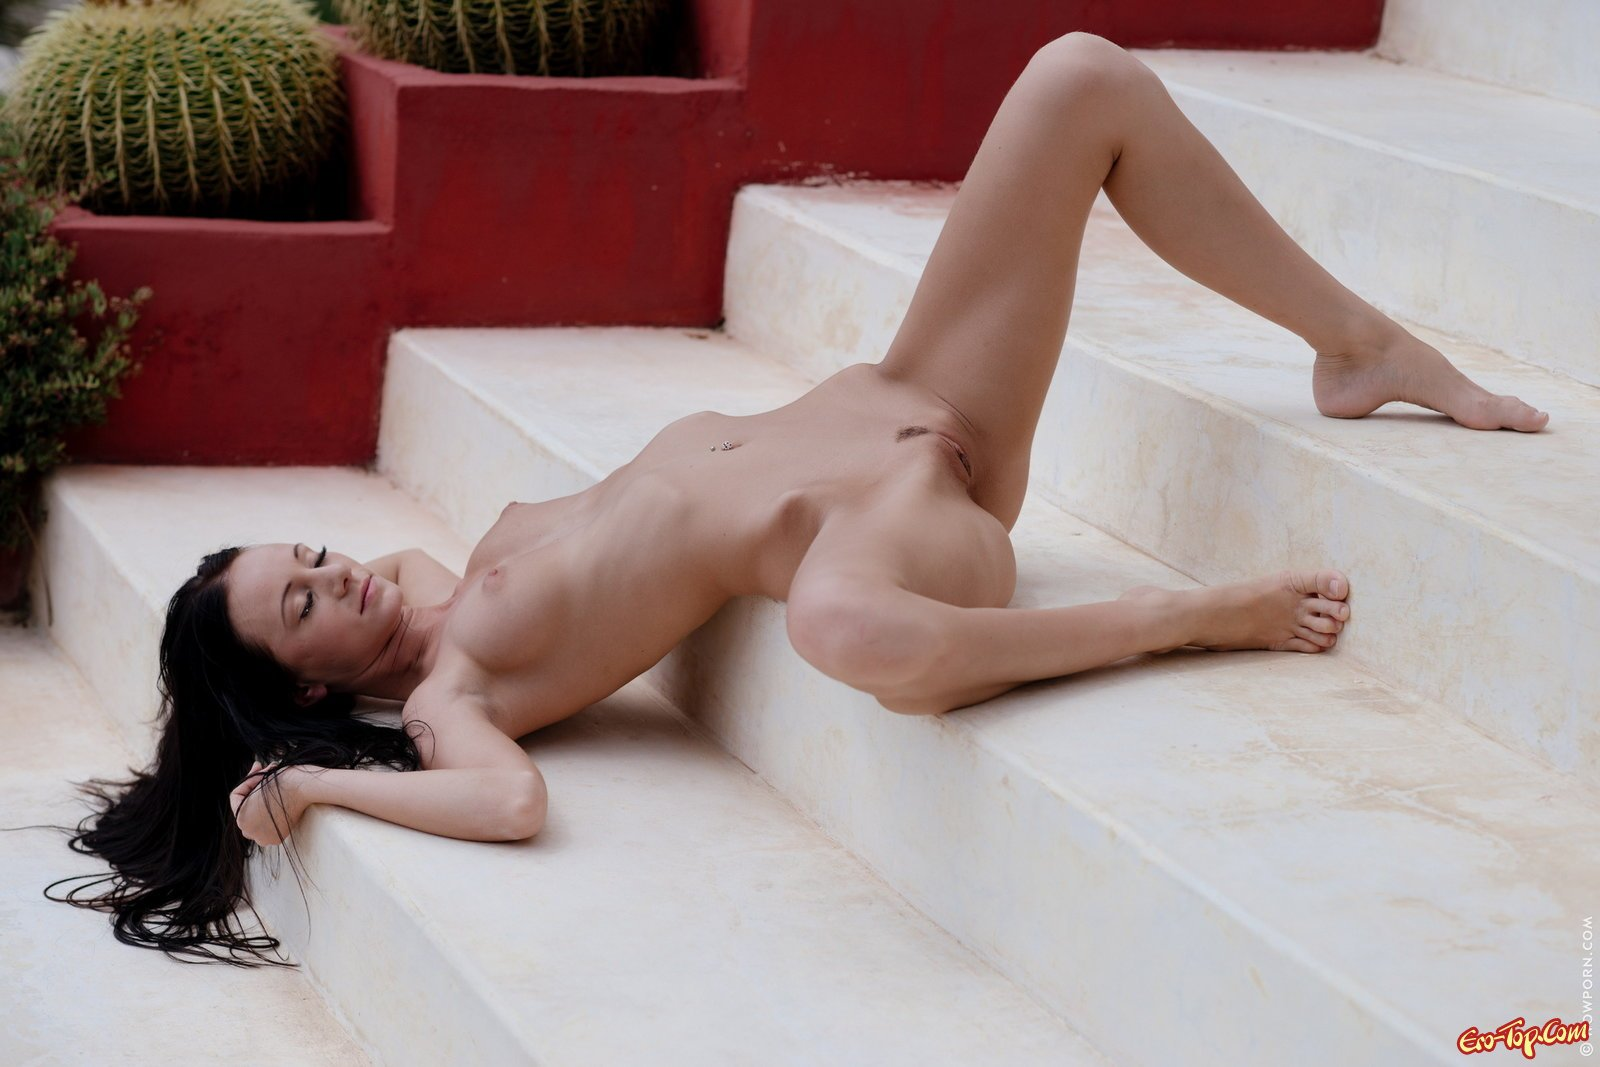 Сексуальная худышка медленно оголяется на ступеньках